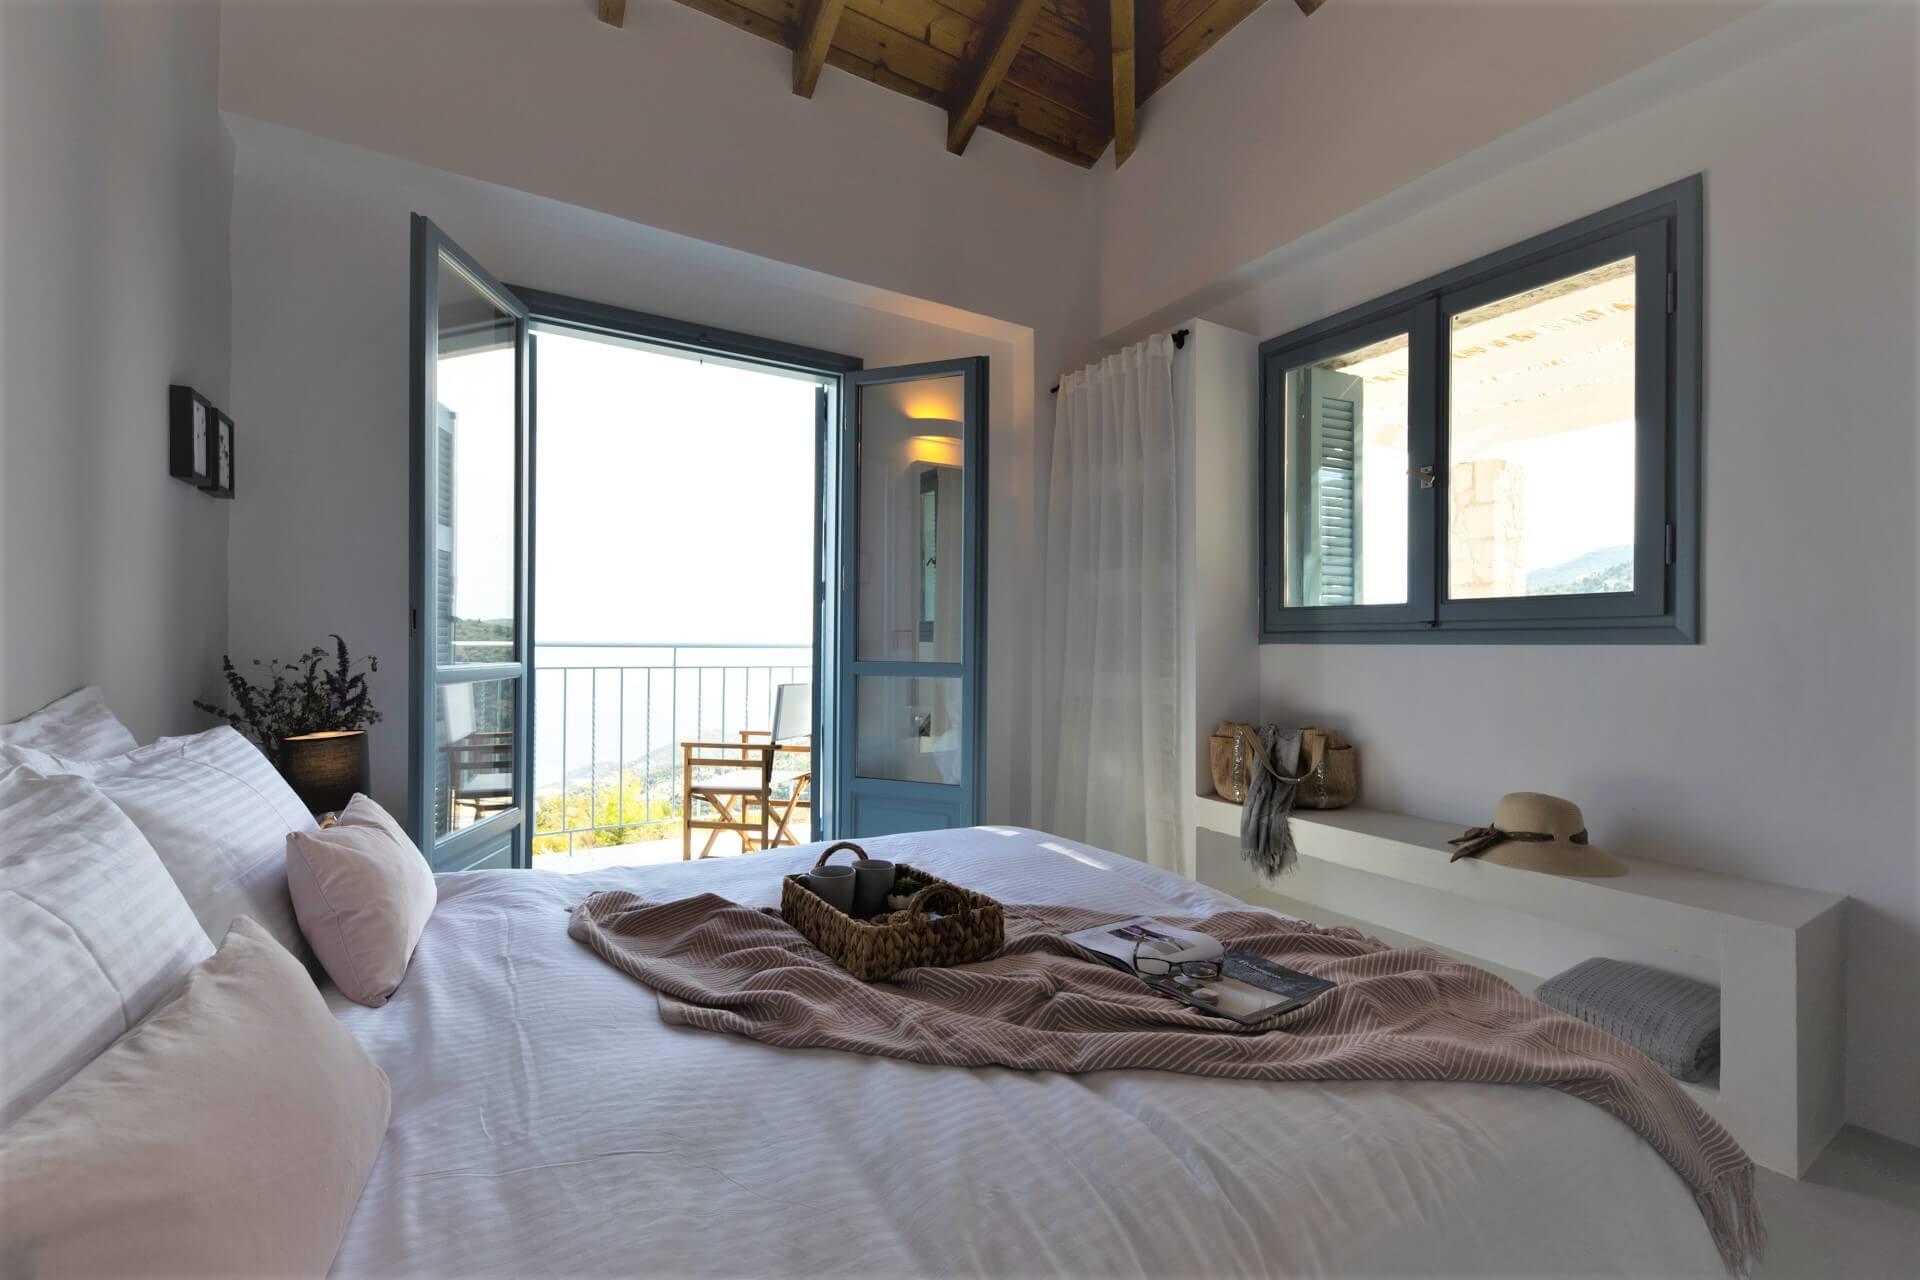 עיצוב וסטיילינג חדר שינה בית נופש יוון